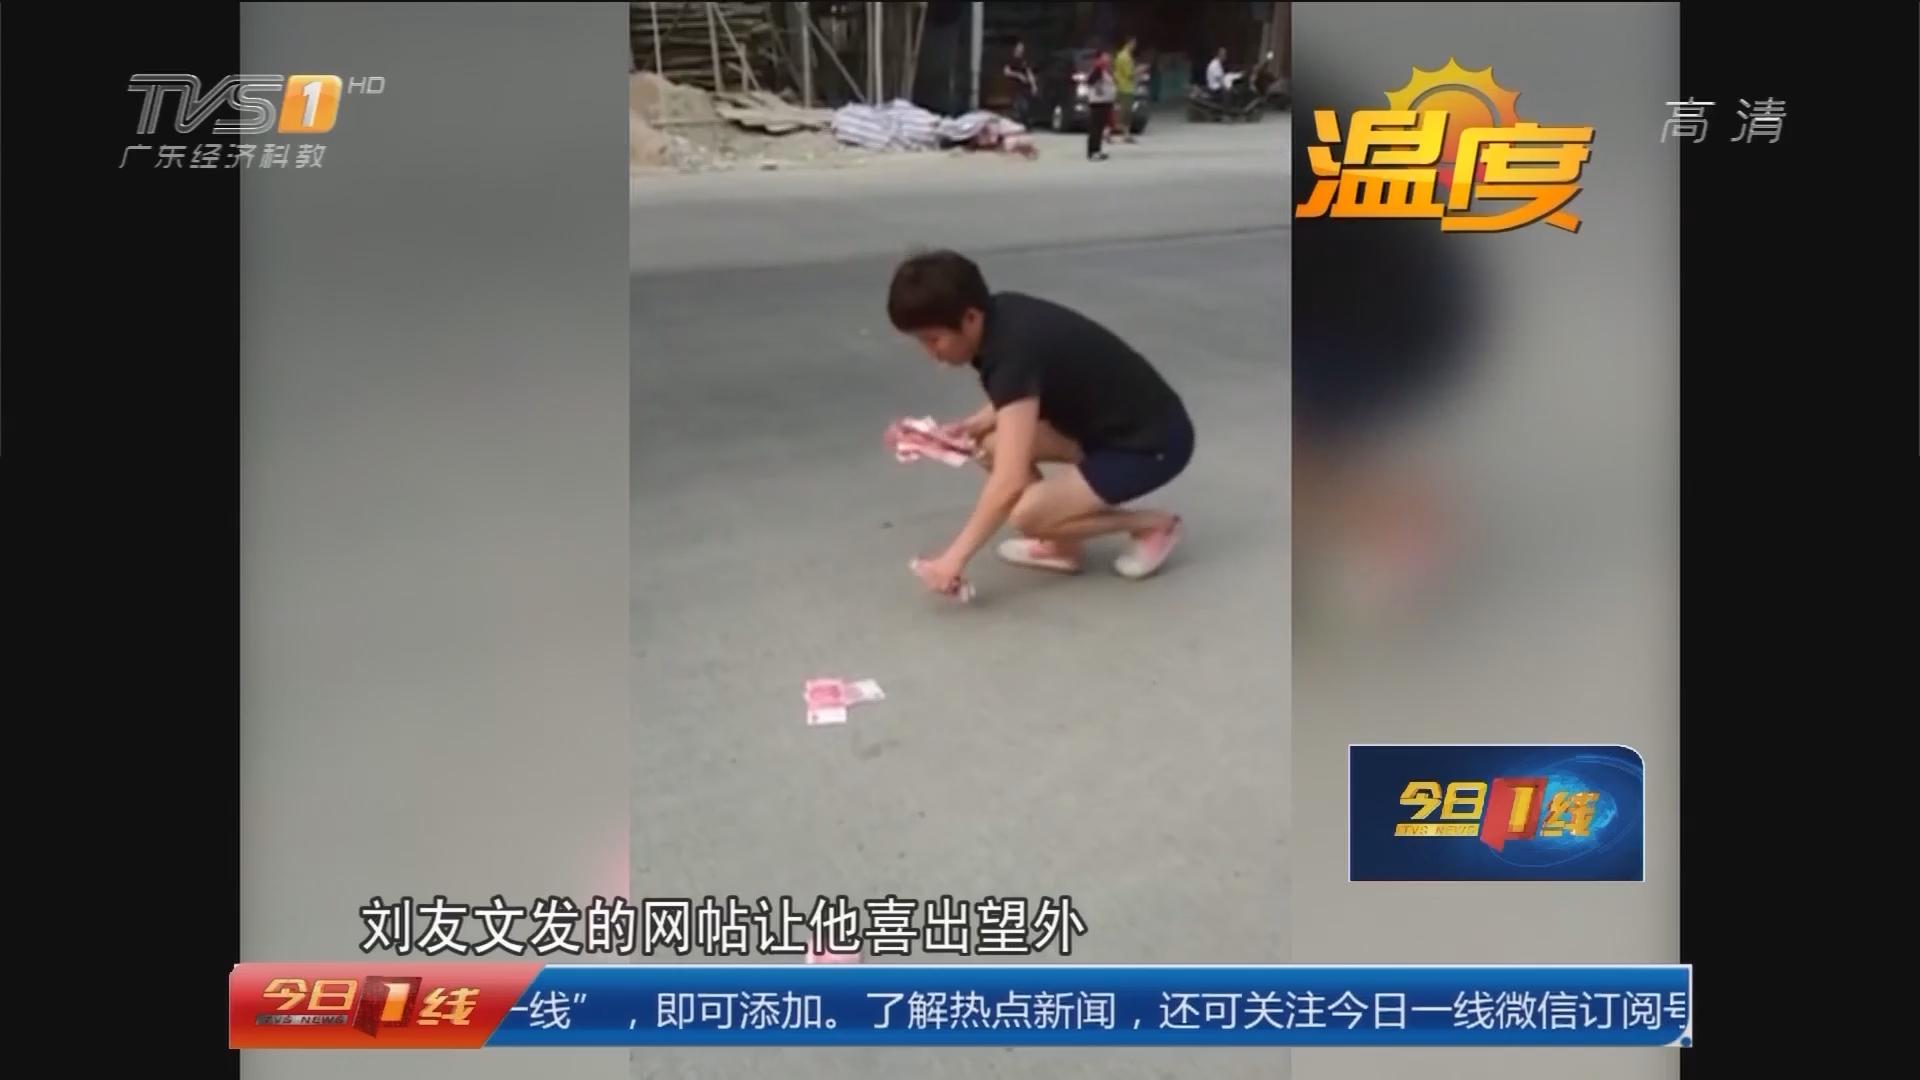 """系列专栏""""温度"""":揭阳 百元大钞散落 小店夫妻拾金不昧"""